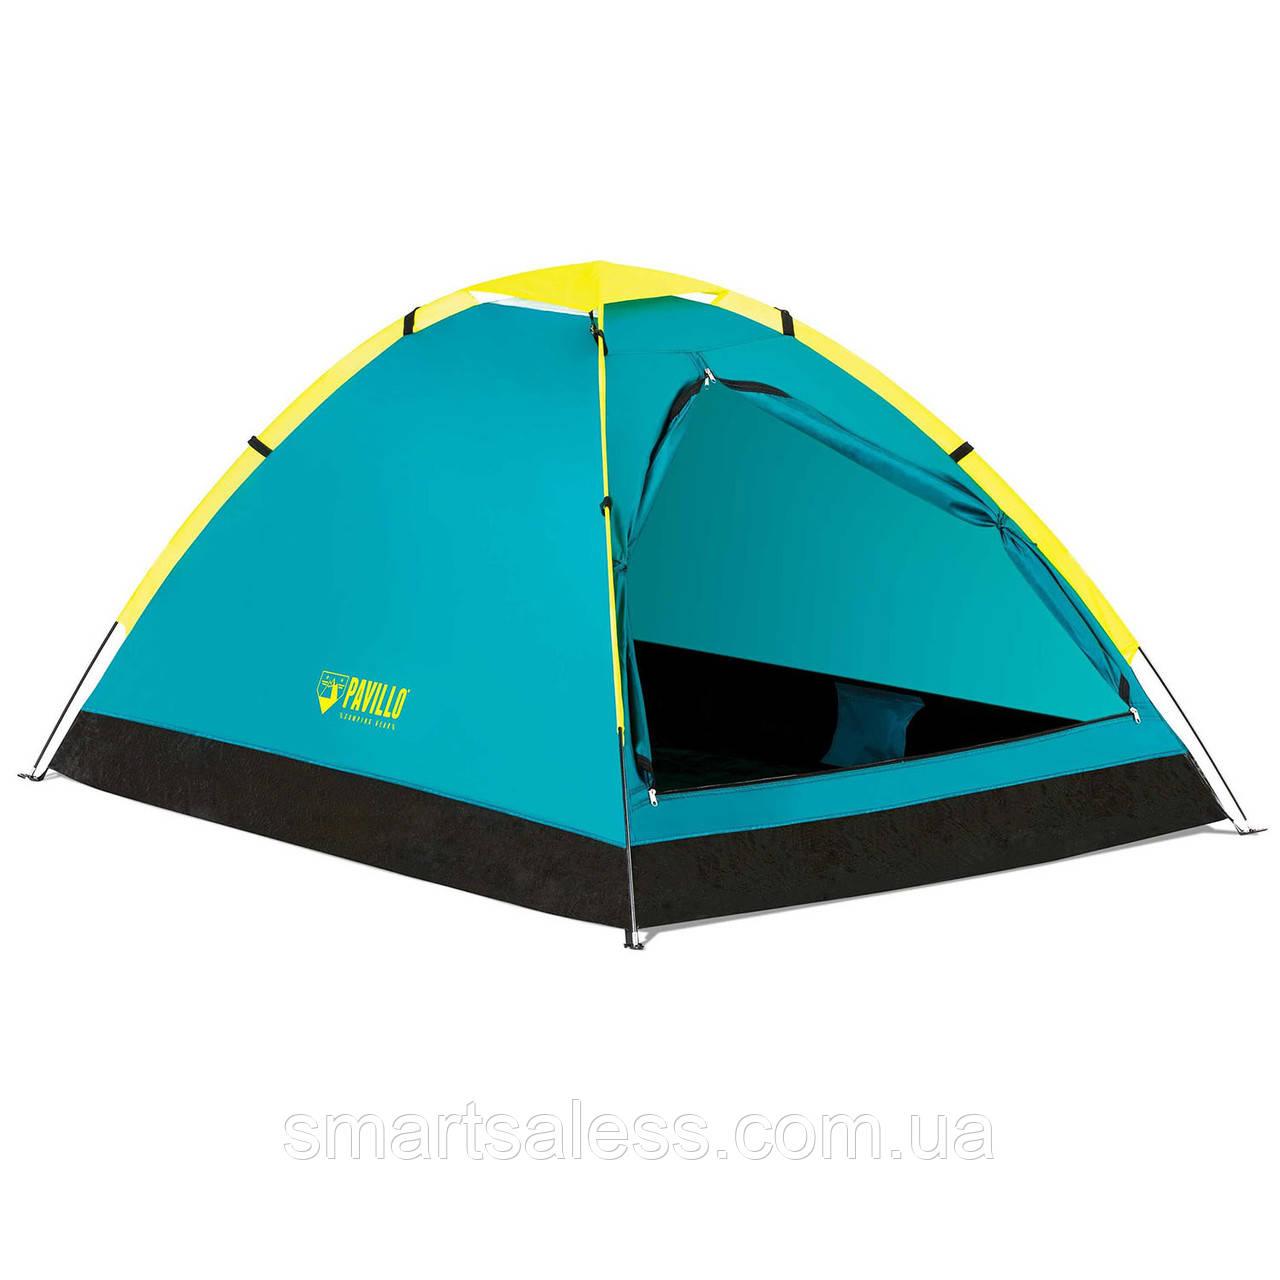 Двомісний намет Pavillo Bestway 68084 «Cool Dome2», 205 х 145 х 100 см